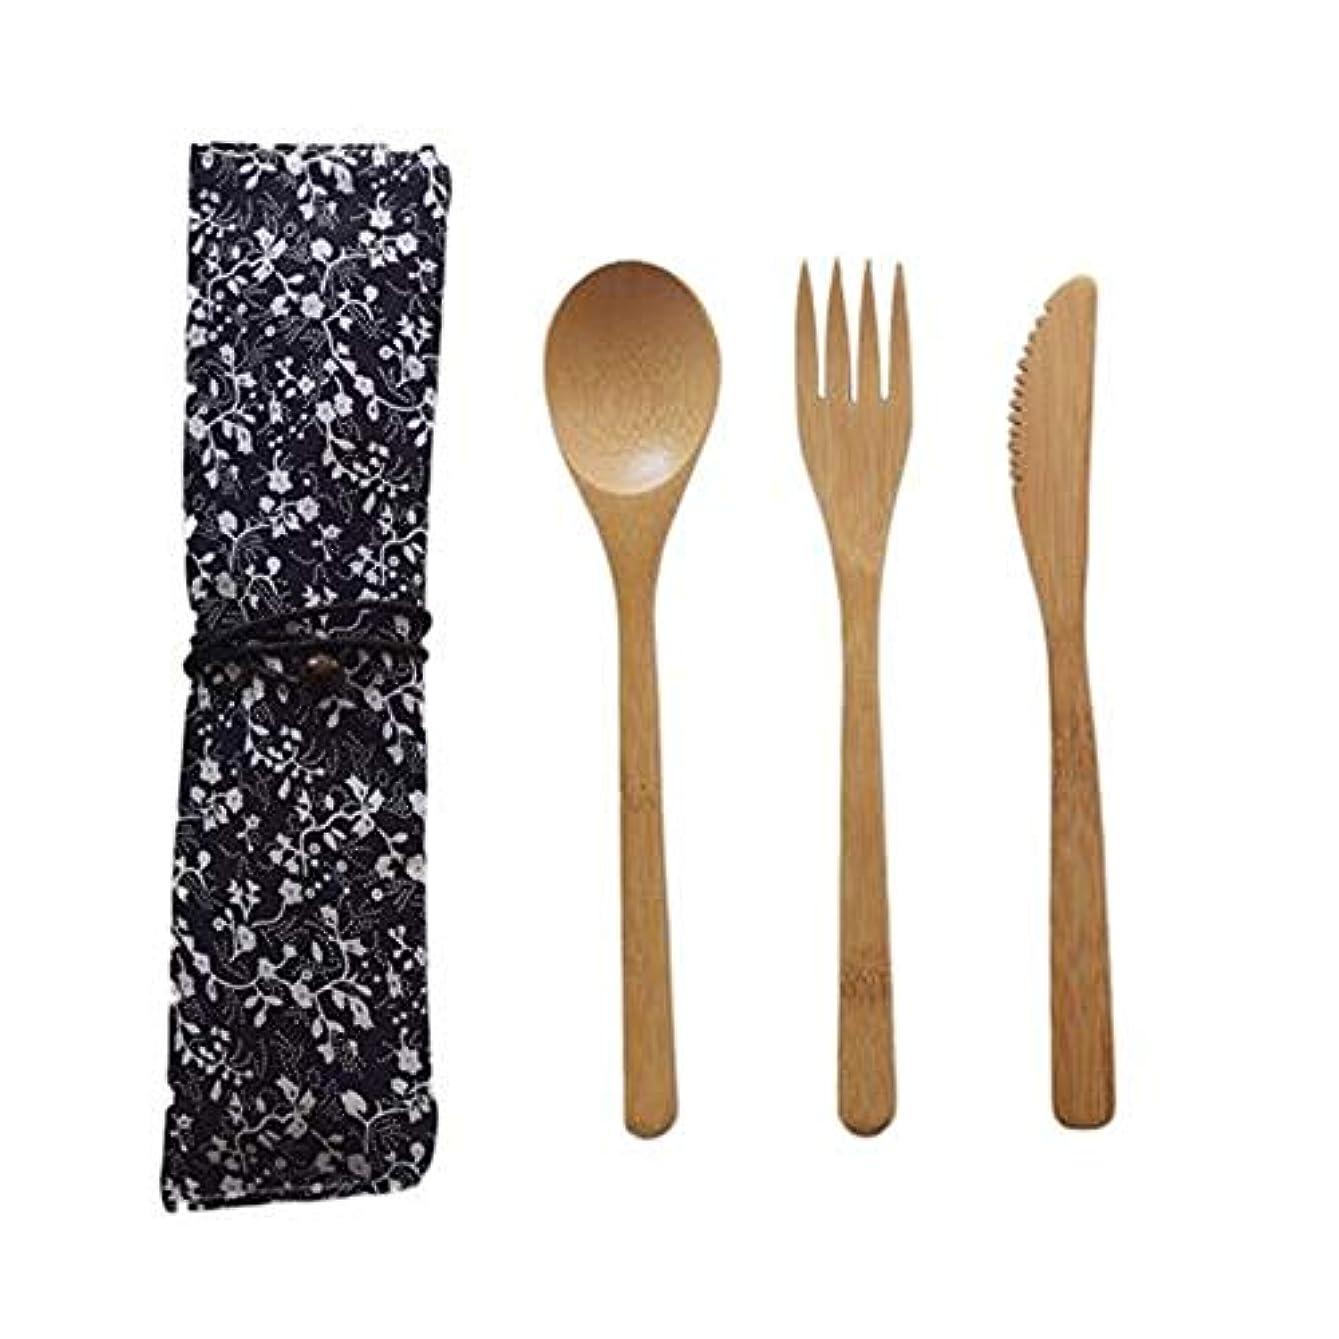 驚くべきハンカチ静かなシンプル 和風食器 天然木製 箸 スプーン フォーク 安全性 無毒性 大人 子供用 お弁当 便利 アウトドア 携帯